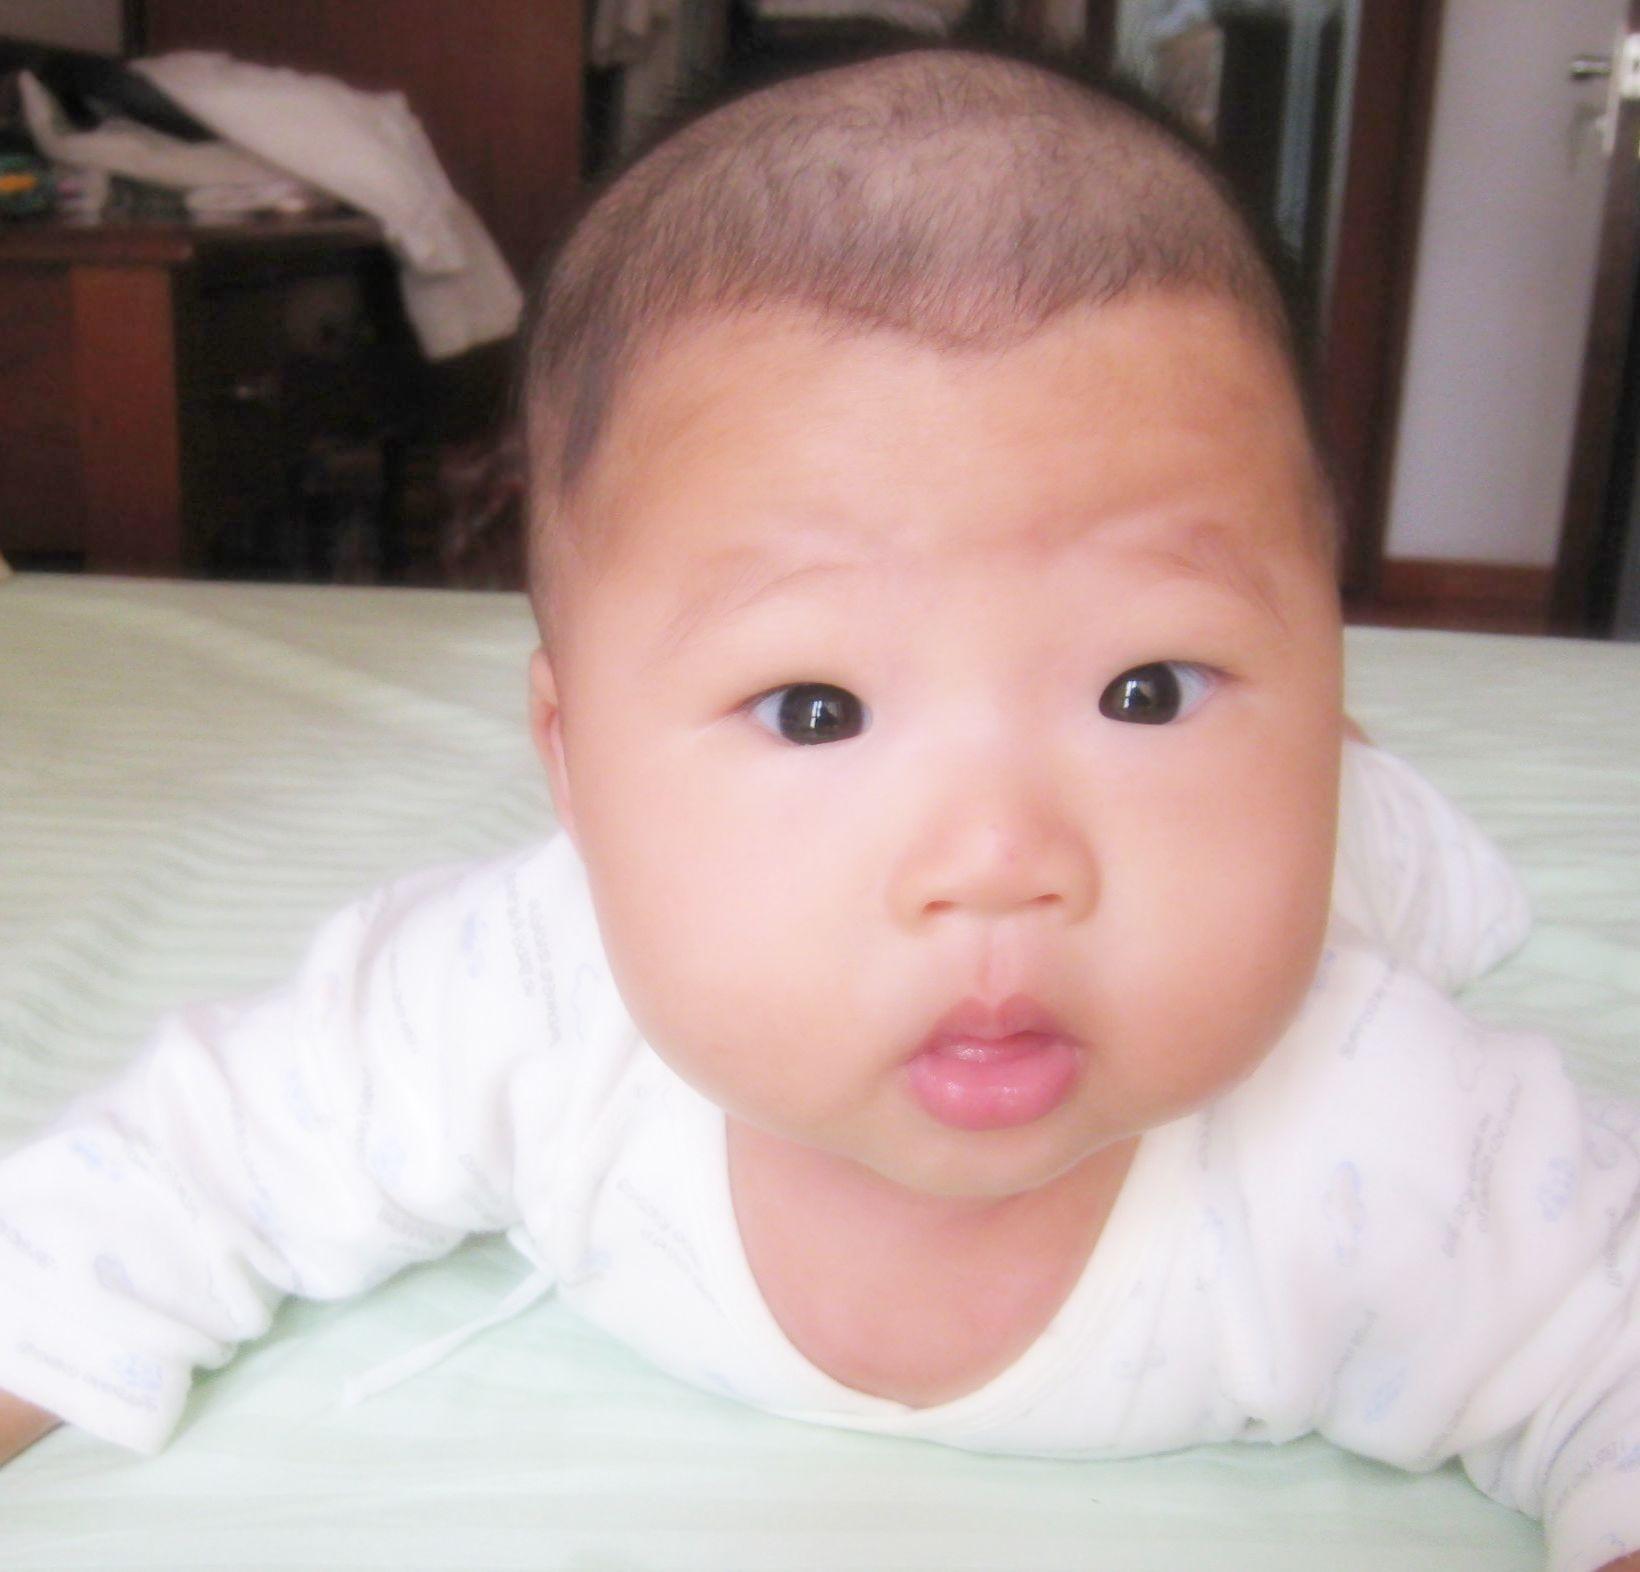 小眼睛可爱宝贝的照片